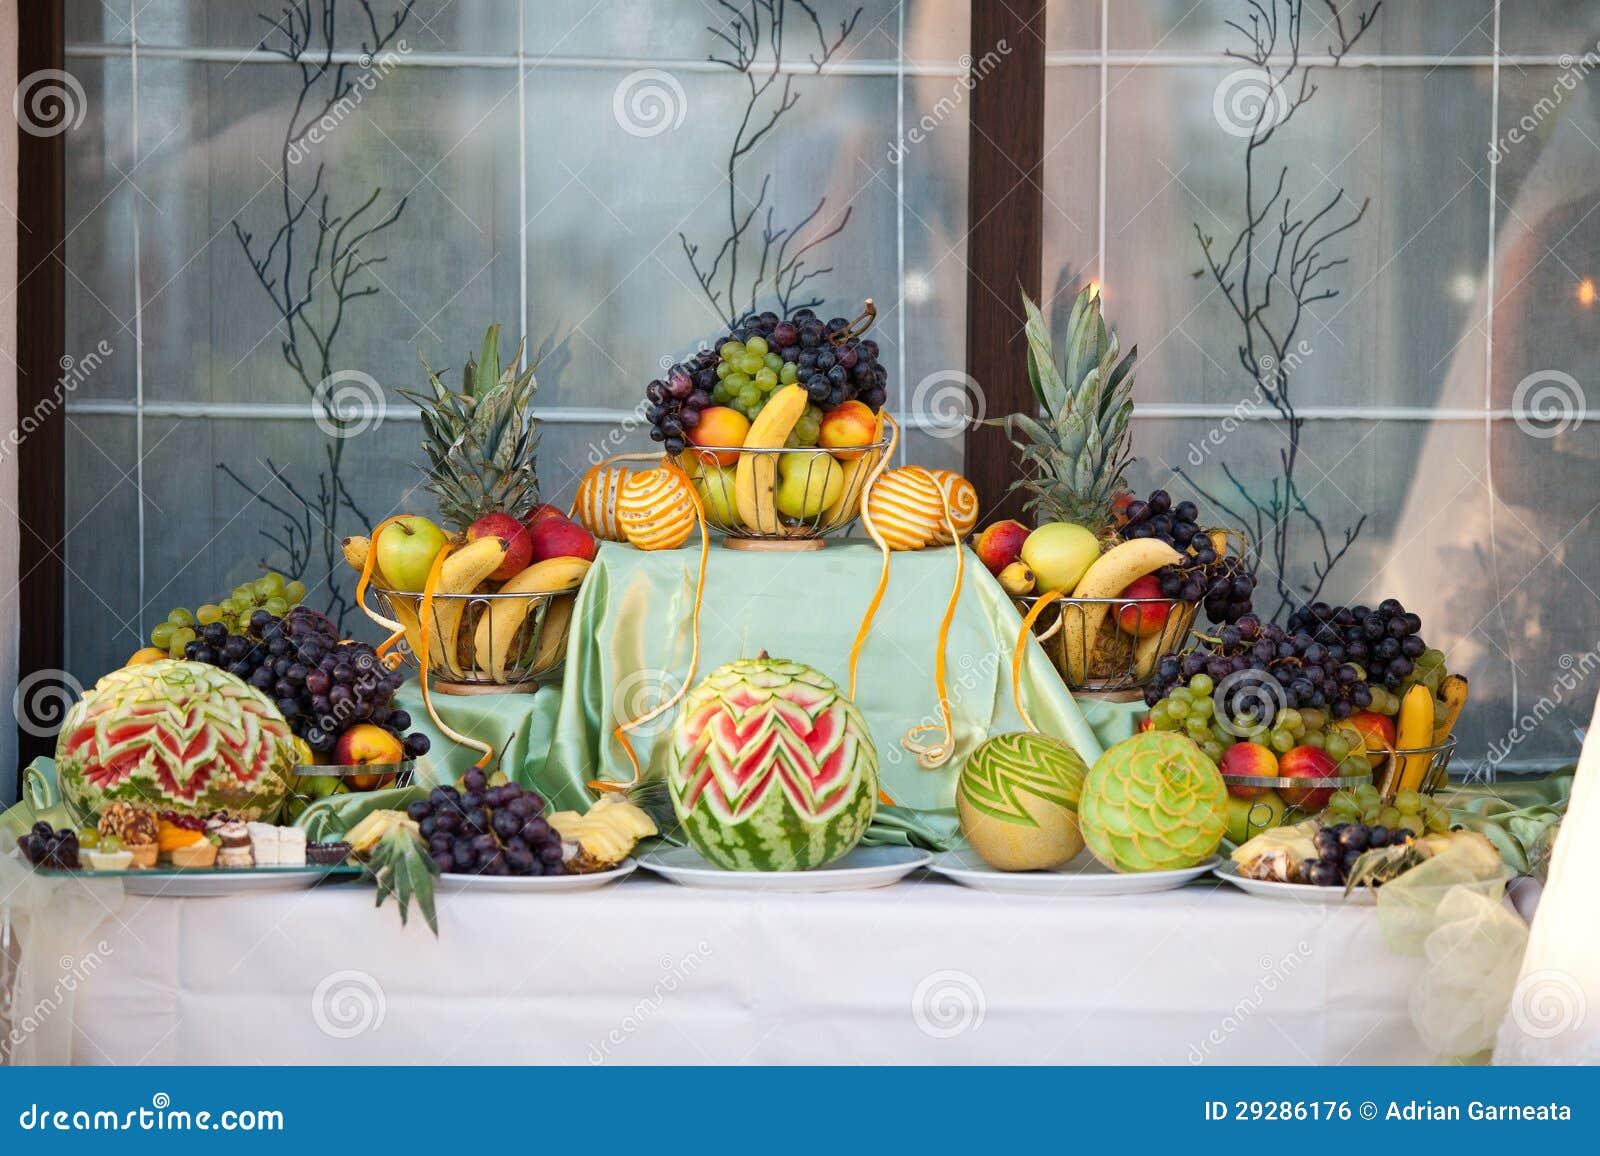 Connu Décoration De Table De Mariage Avec Des Fruits Photo stock - Image  JI28